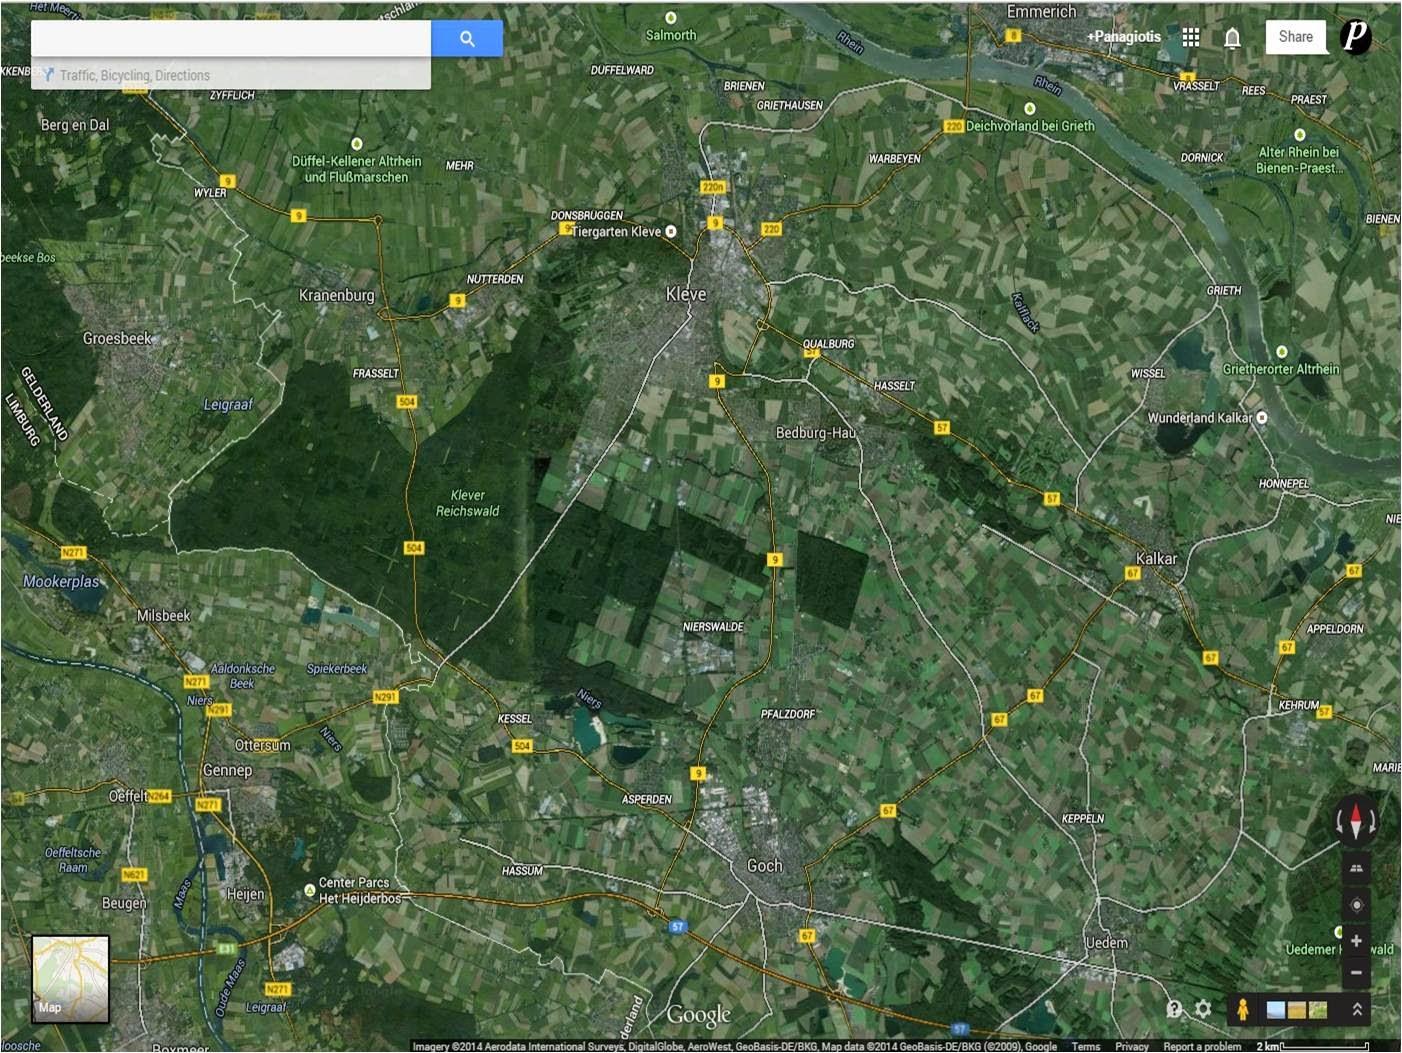 Goch is to the southeast of Nütterden